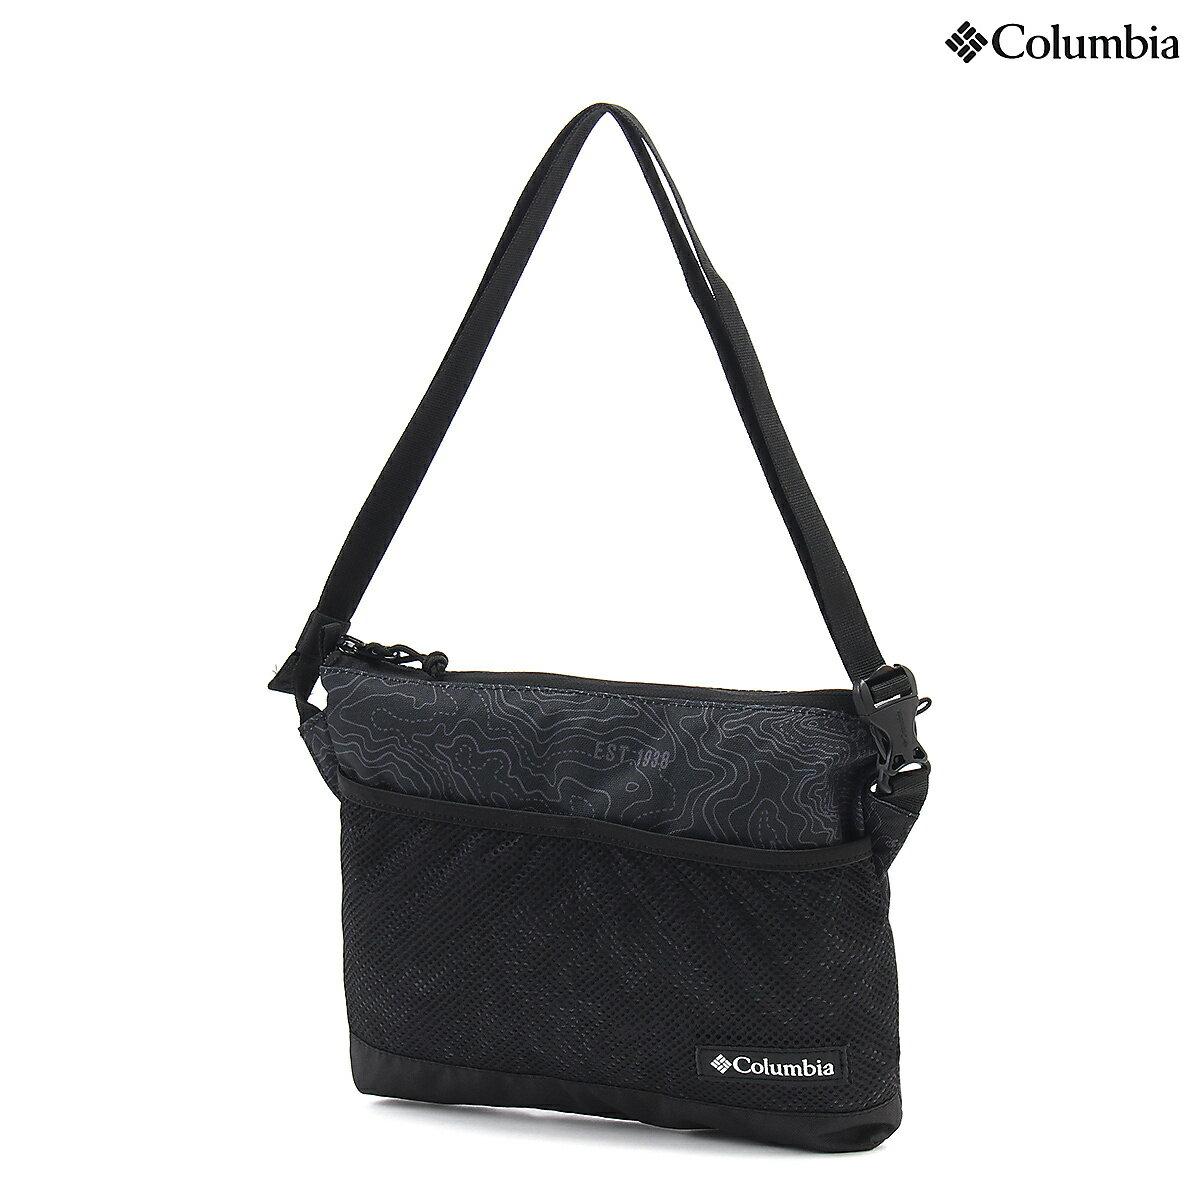 Columbia (コロンビア) トレッキング アウトドア ショルダーバック スチュアートコーンサコッシュ O/S BLACK PU8147-010